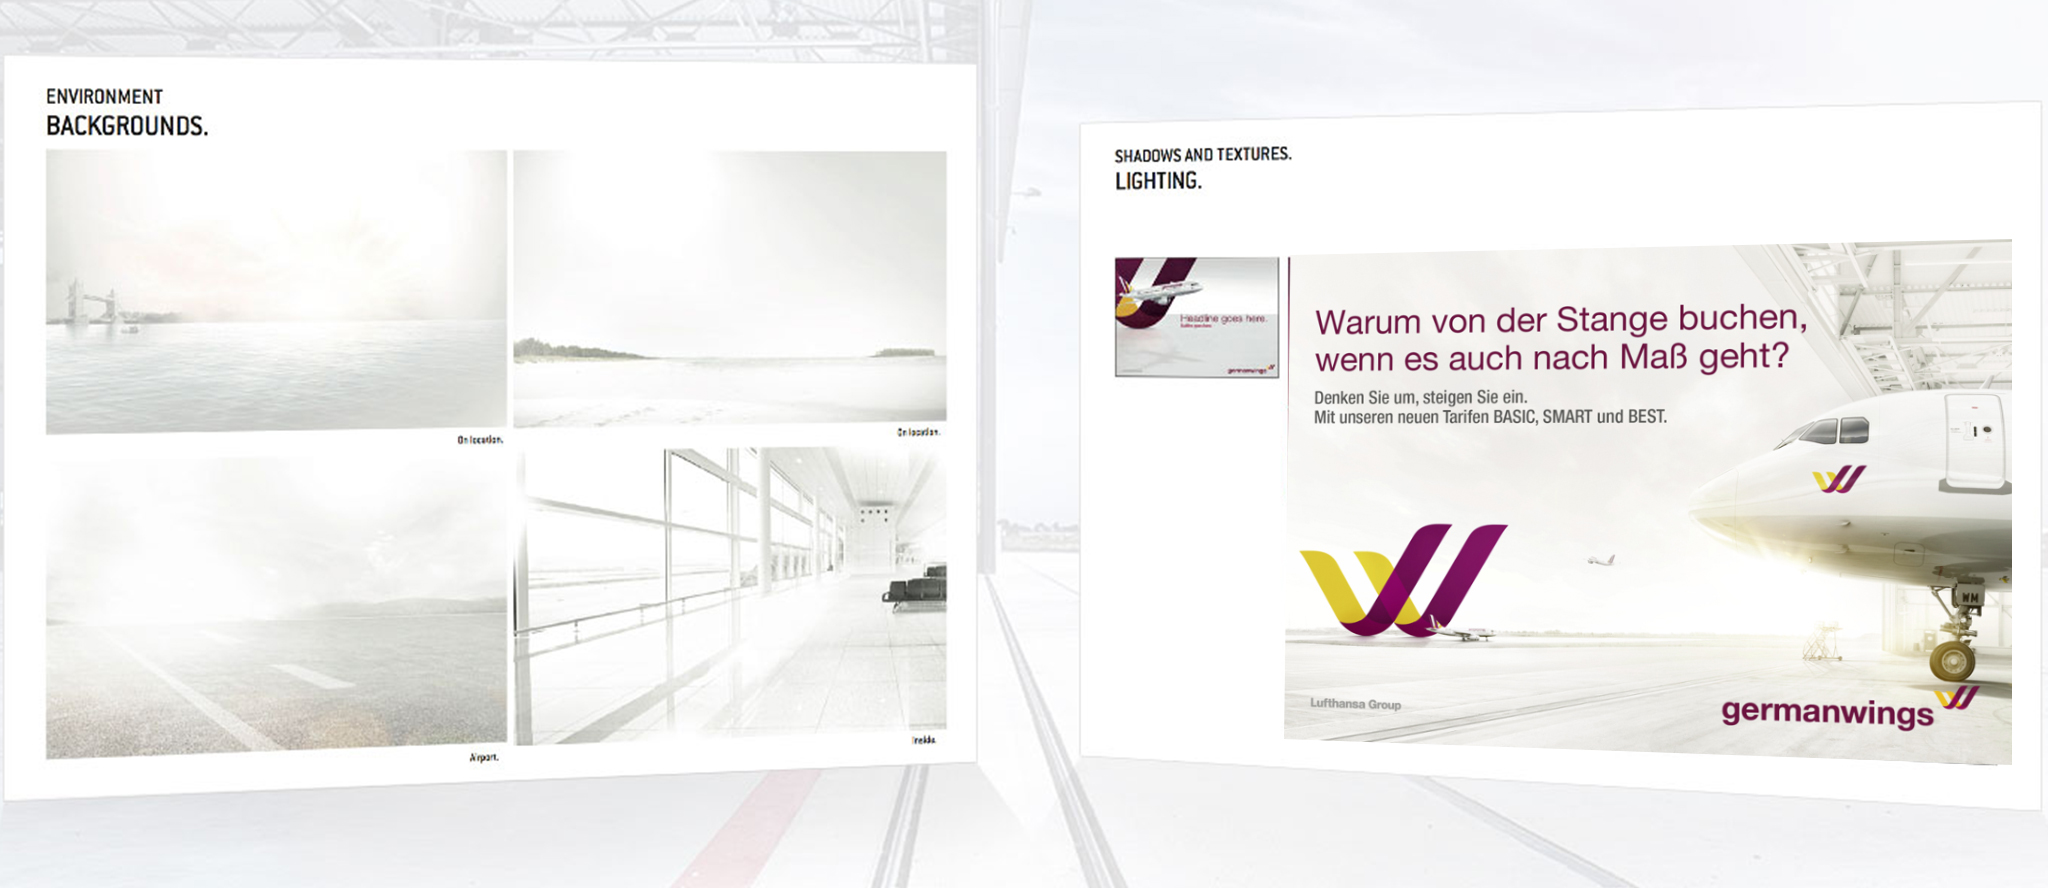 Germanwings_page_07